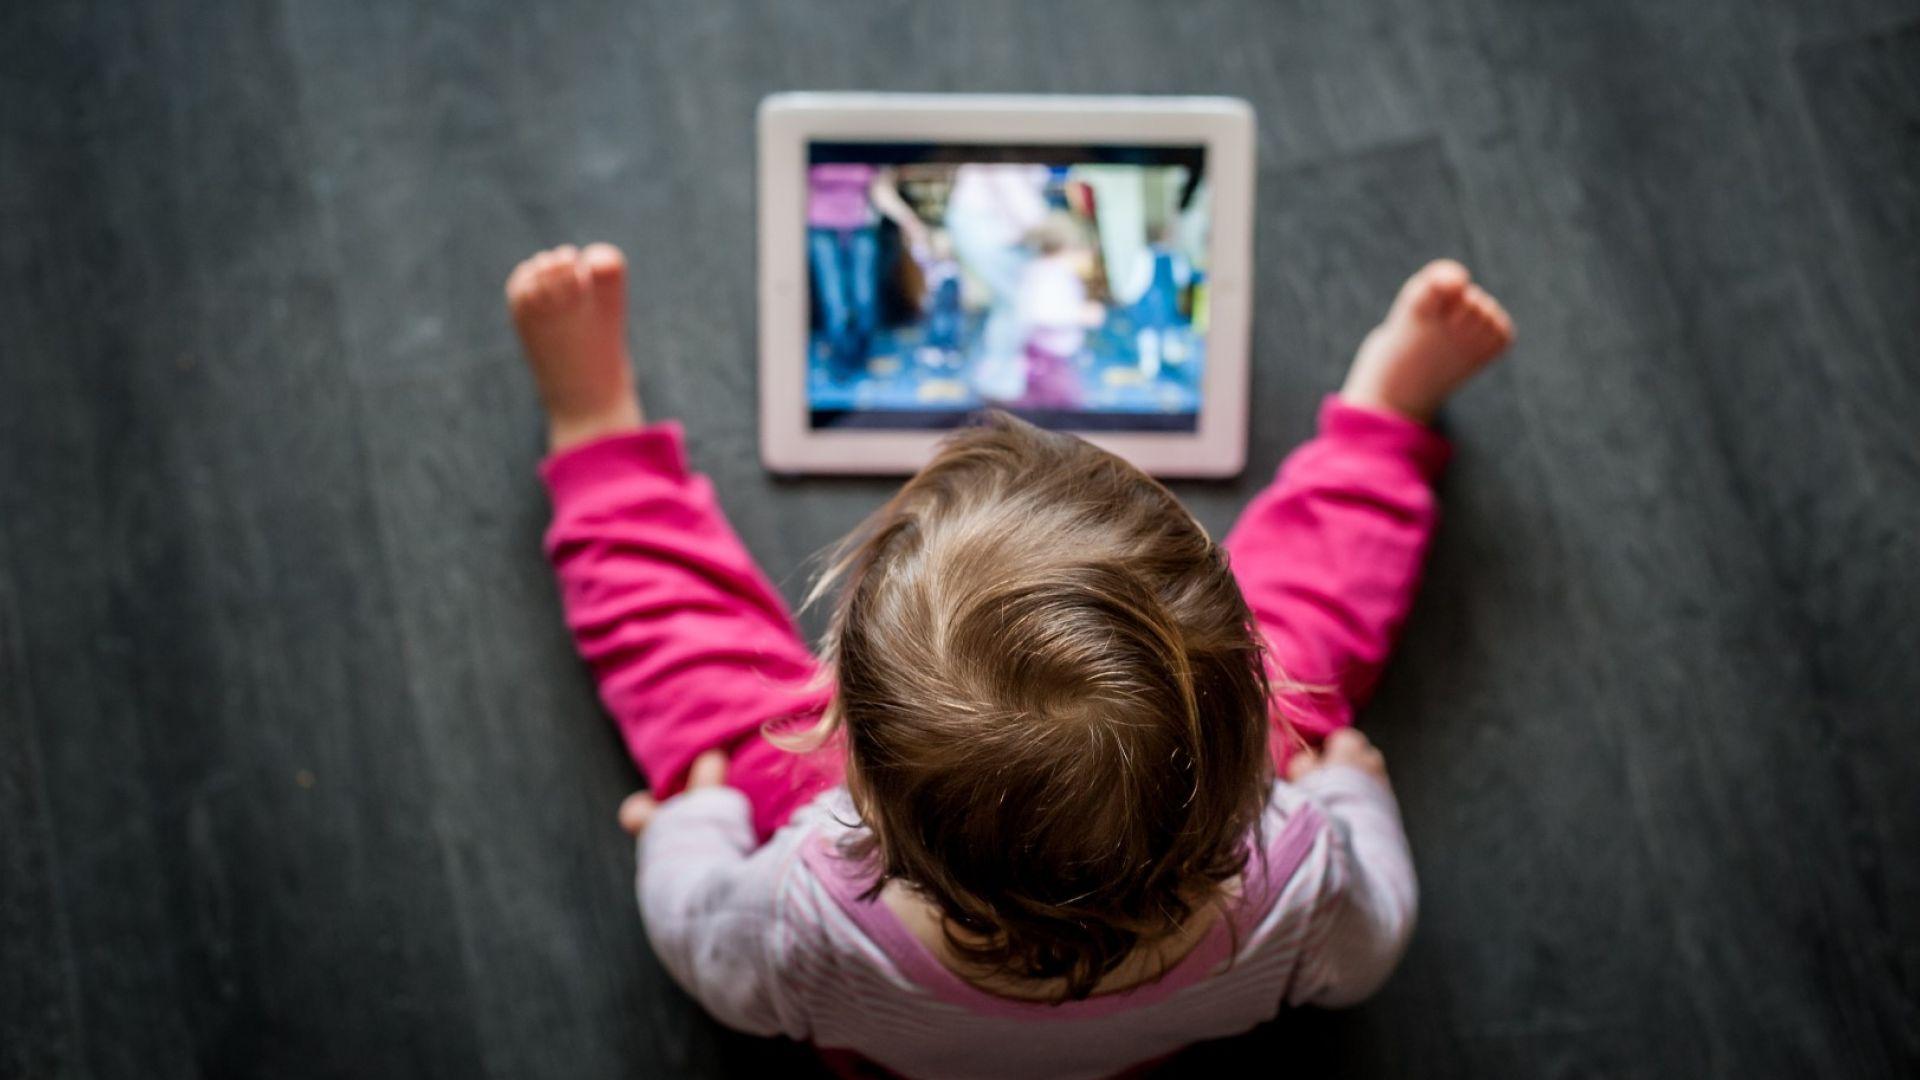 Децата, прекарващи дълго време пред екрани, имат по-лоша координация